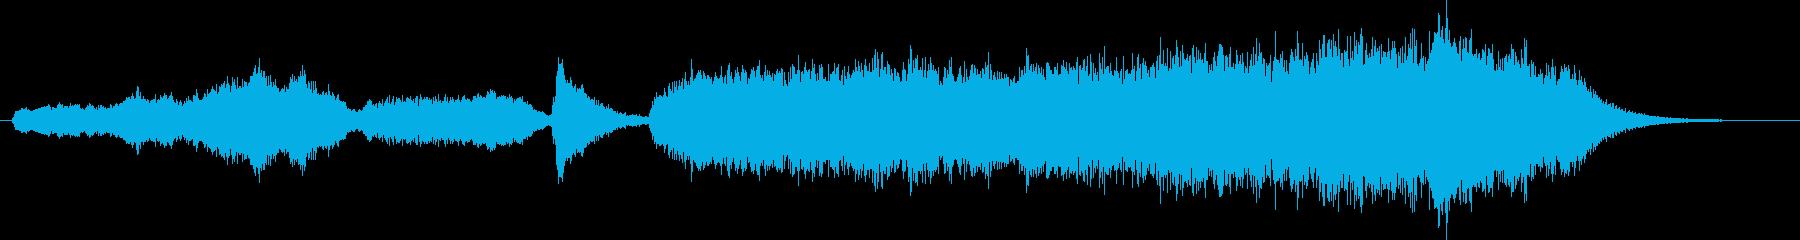 ストリングスによる王道ホラーアンビエントの再生済みの波形